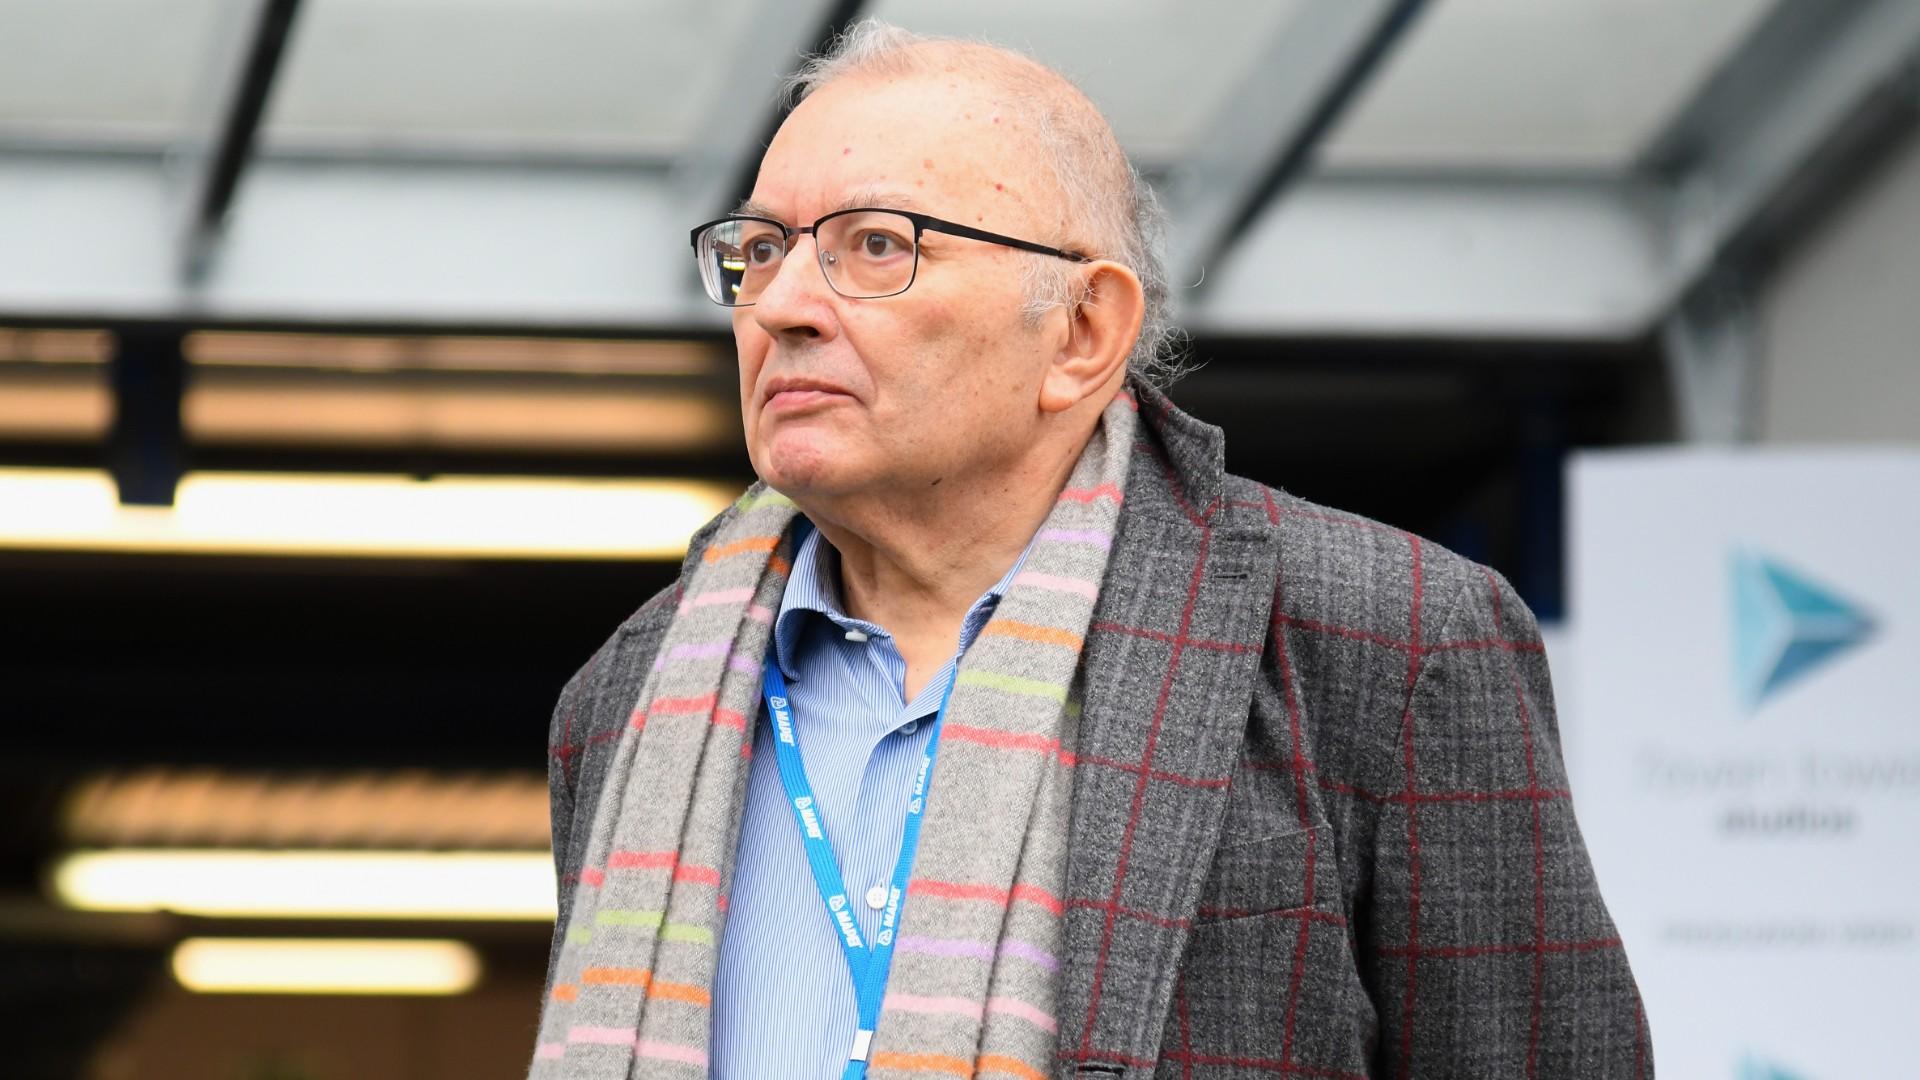 Si è spento all'età di 76 anni Giorgio Squinzi